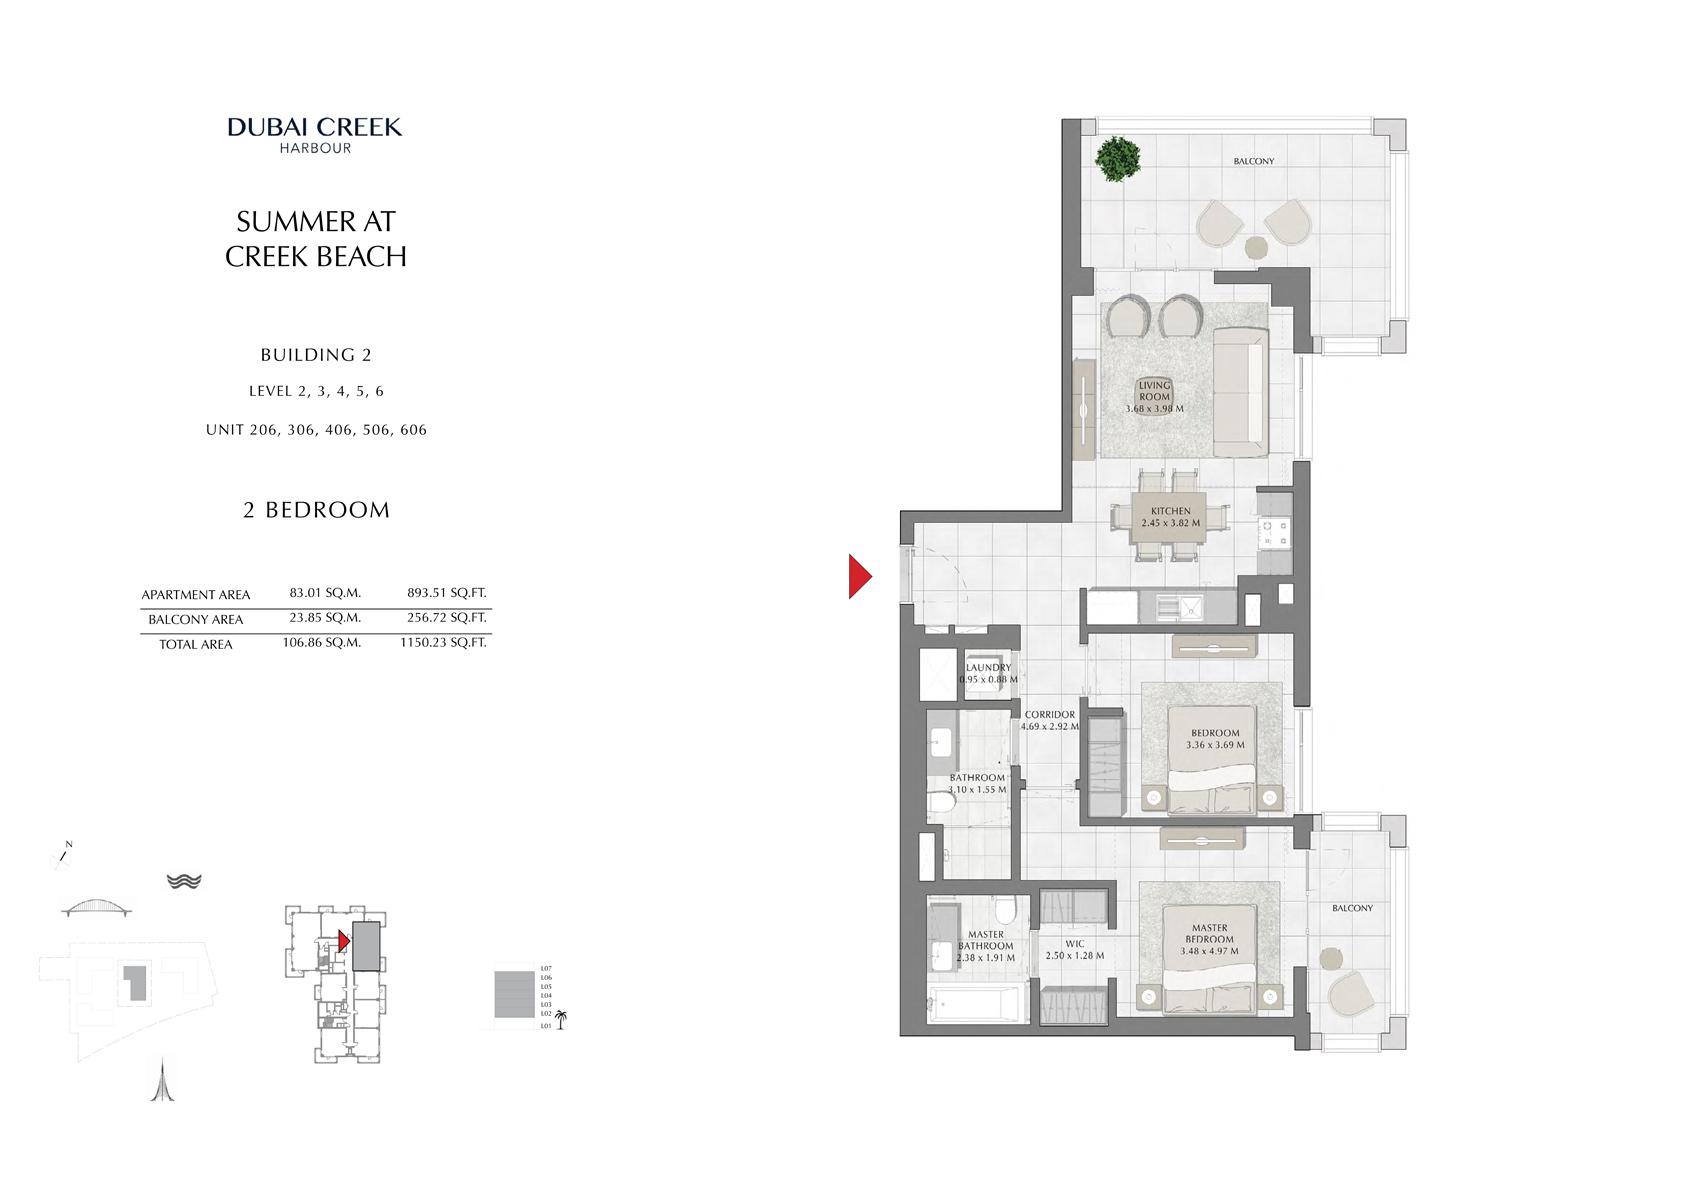 2 Br Building 2 Level-2-3-4-5-6 Unit-206-306-406-506-606, Size 1150 Sq Ft